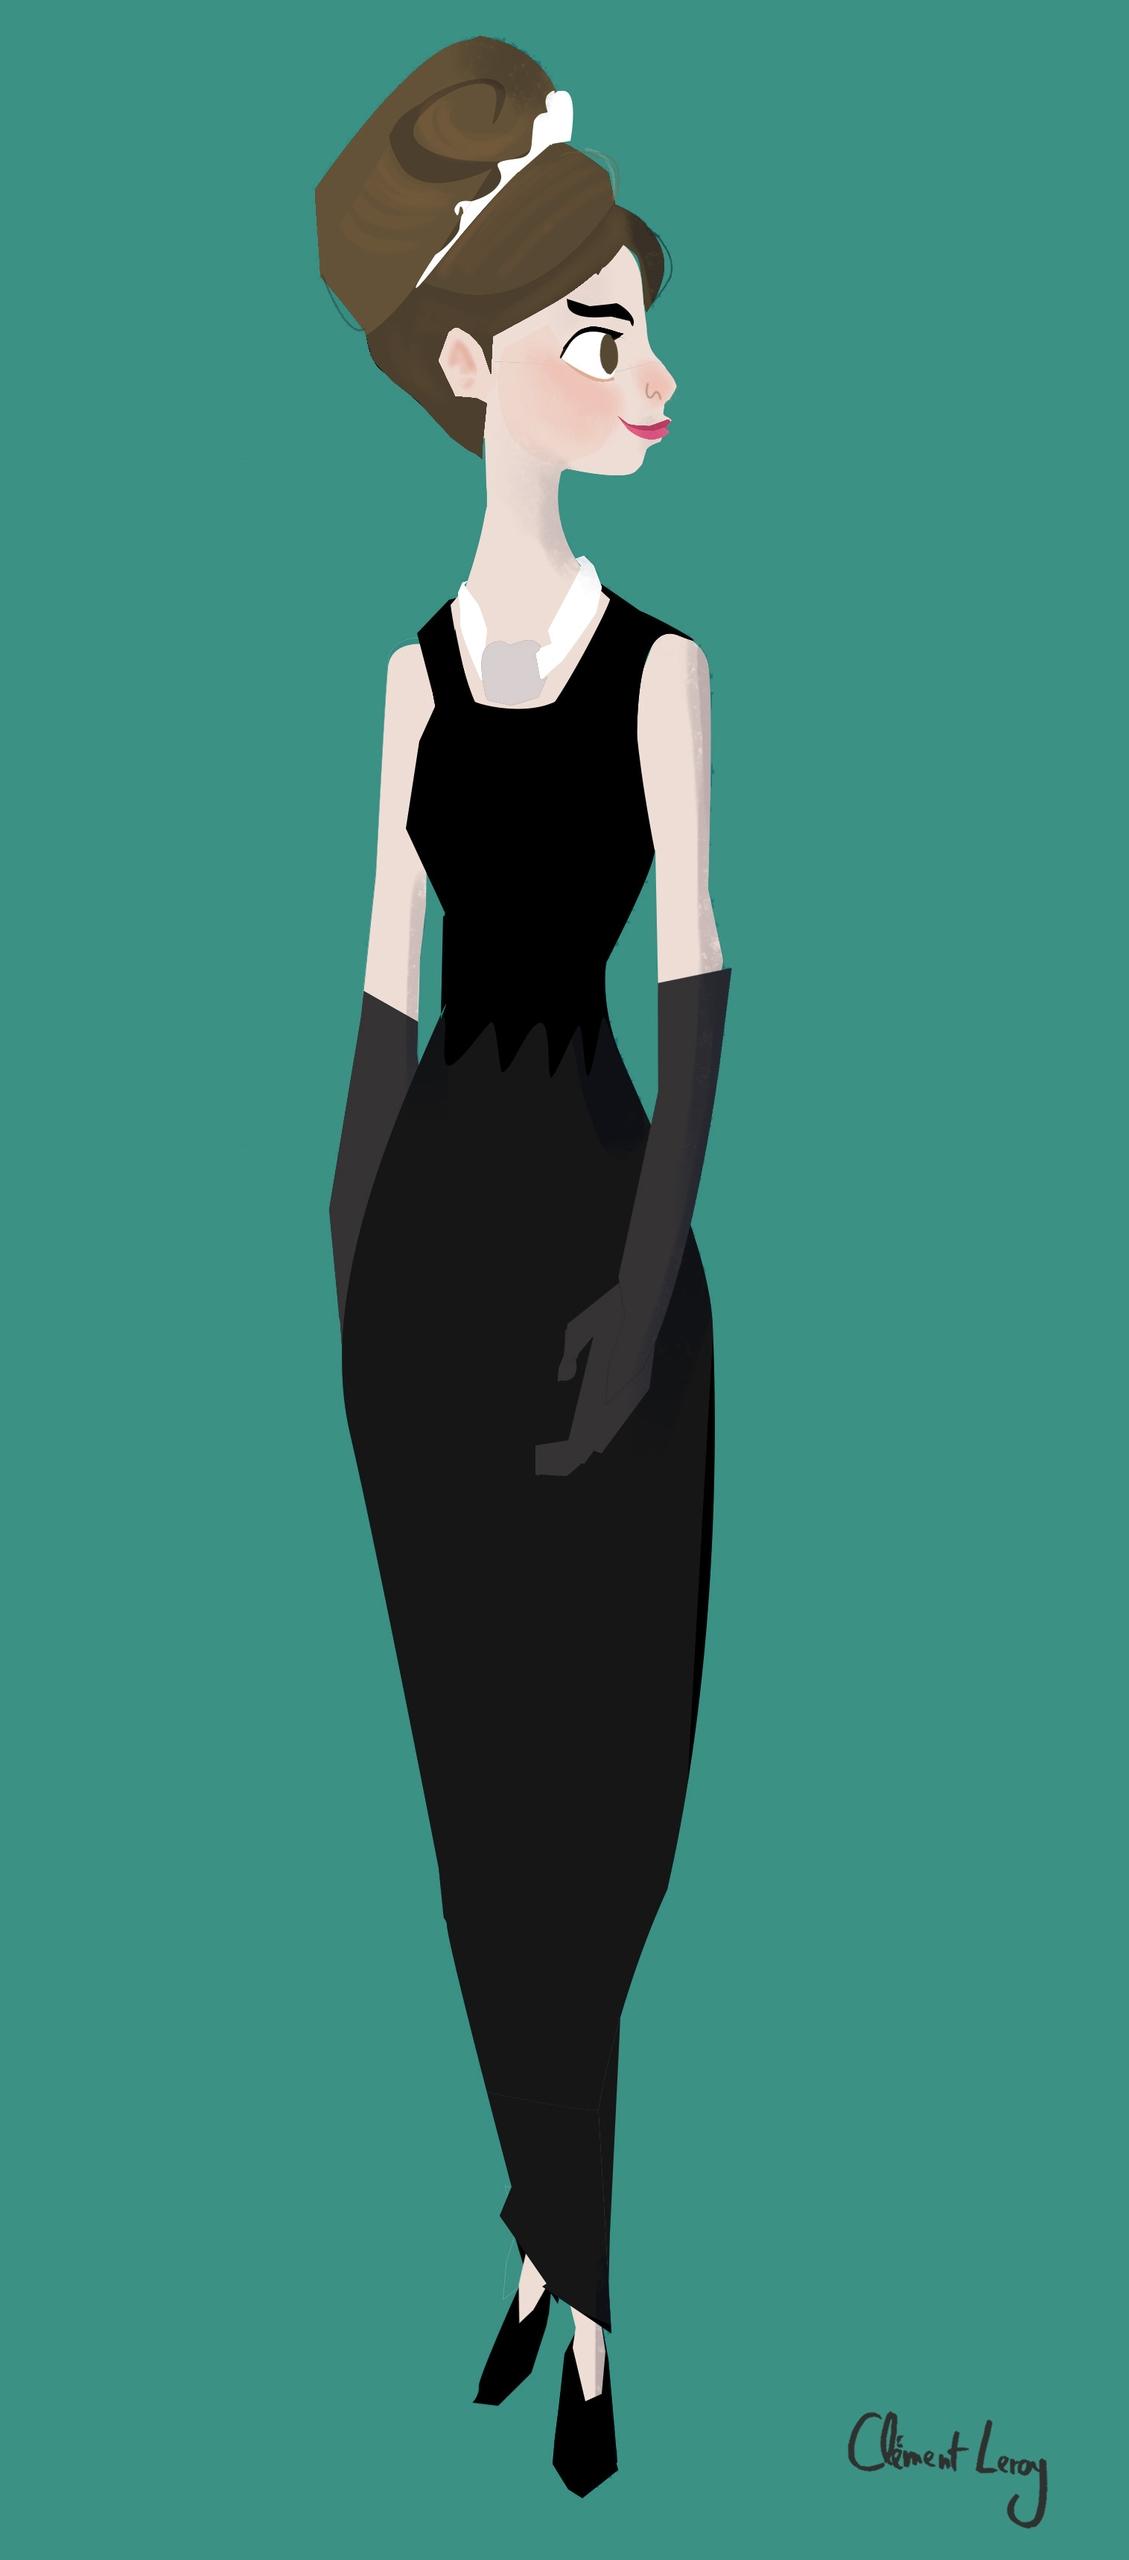 Audrey Hepburn - hepburn, characterdesign - cleleroy | ello